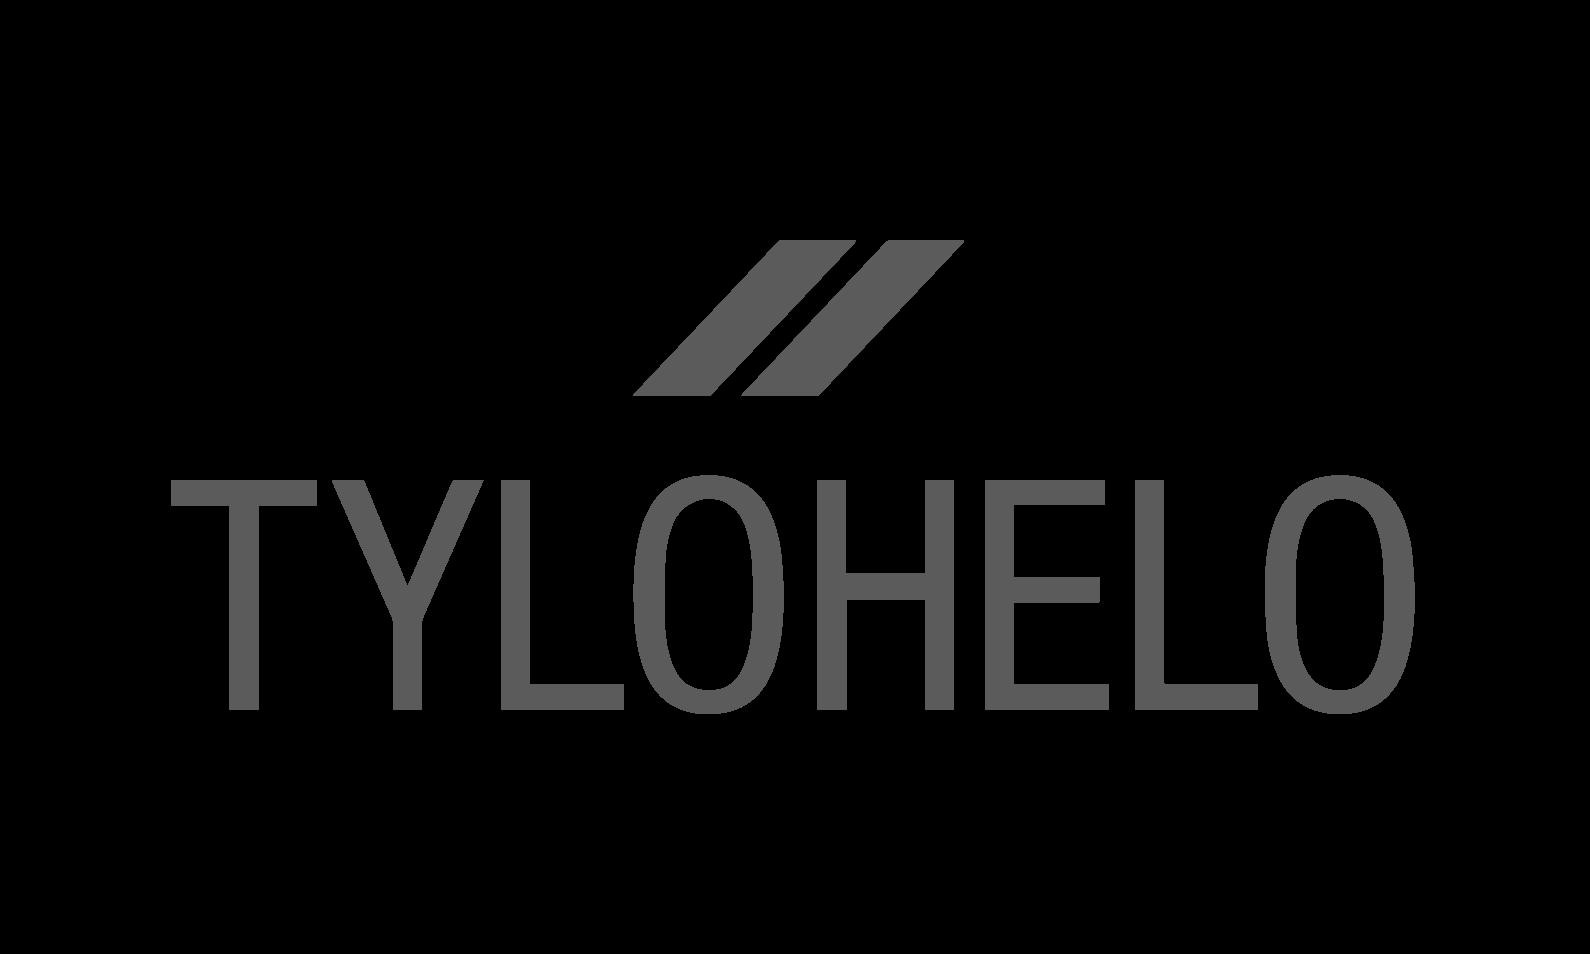 Tylohelo-Logo